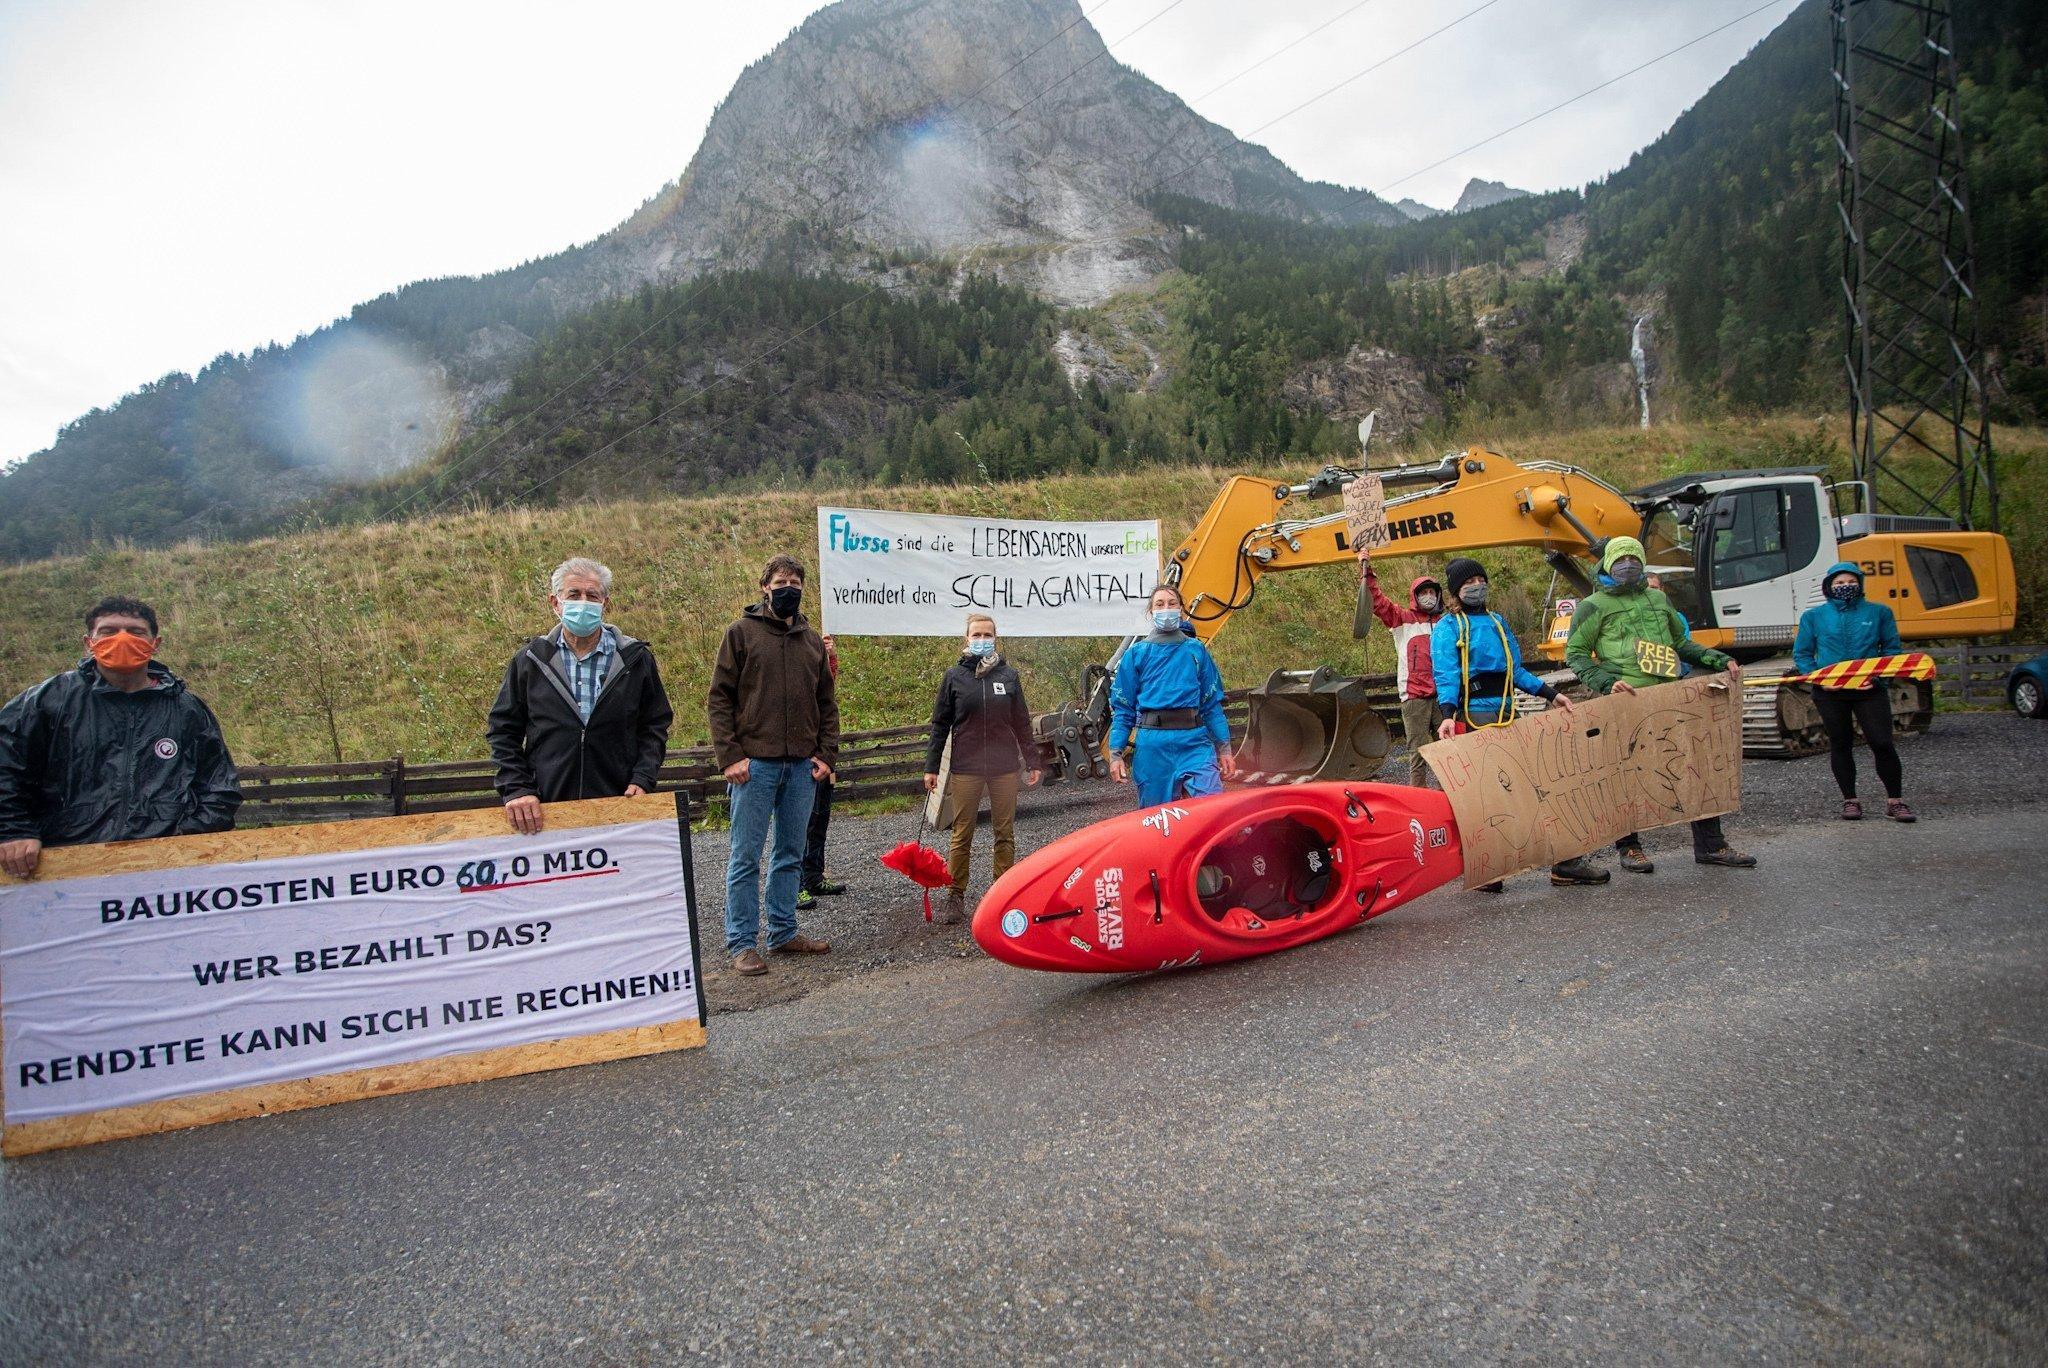 Menschen stehen mit Kajakbooten und Bannern im Regen an einer Baustelle.